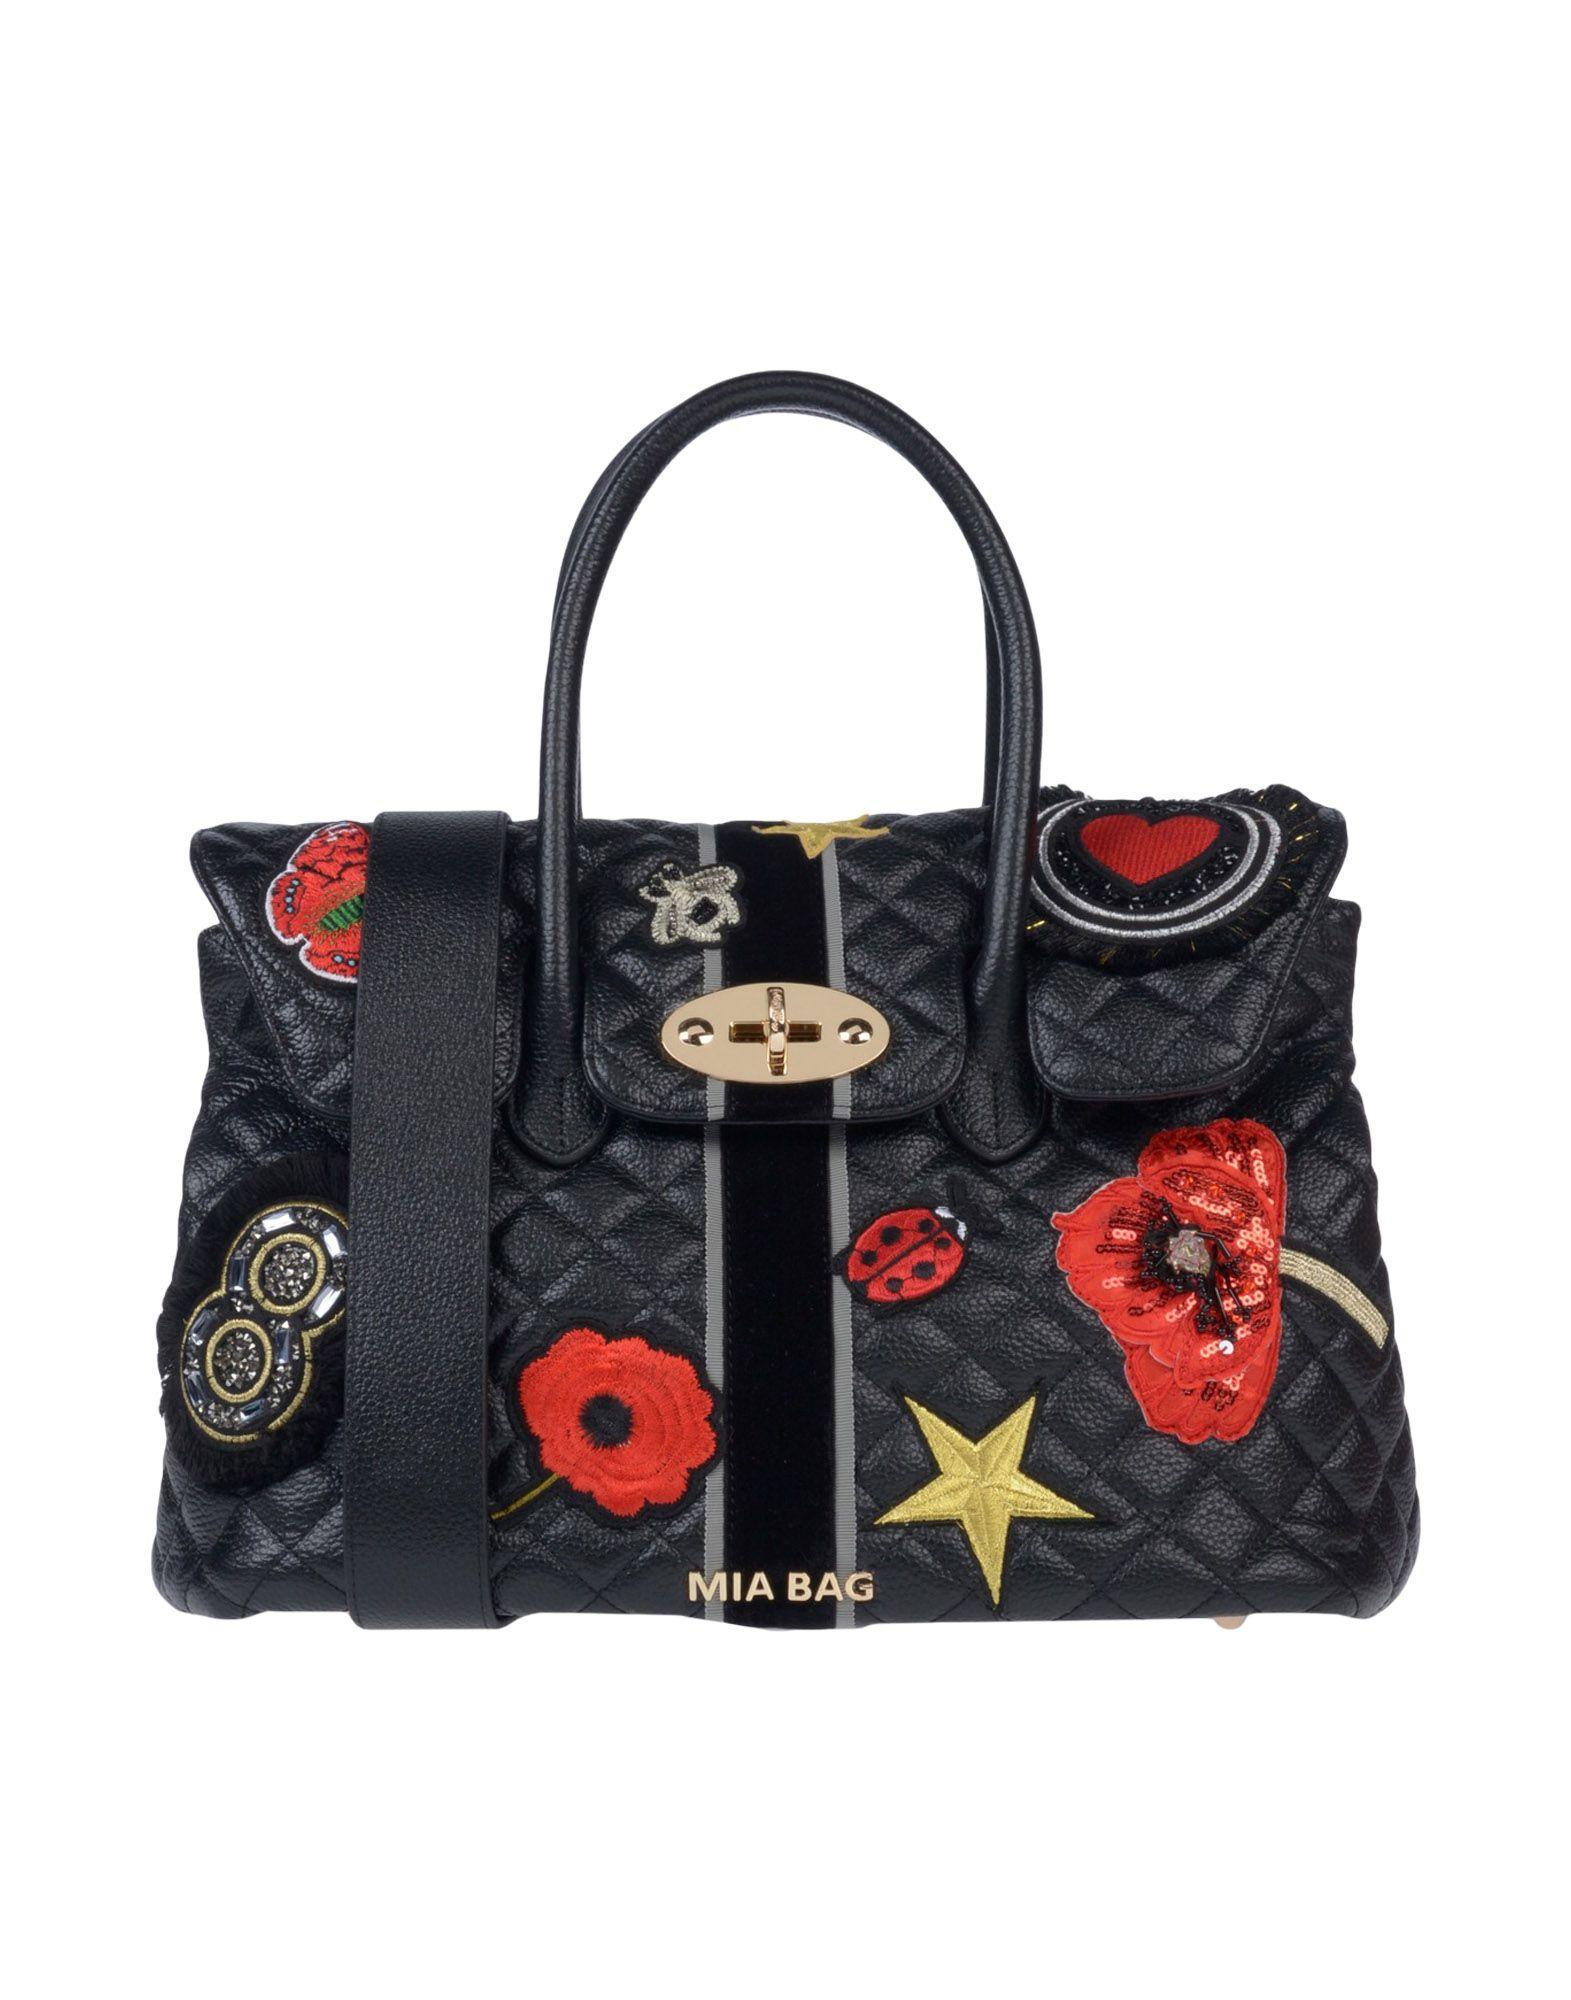 《送料無料》MIA BAG レディース ハンドバッグ ブラック 革 / 紡績繊維